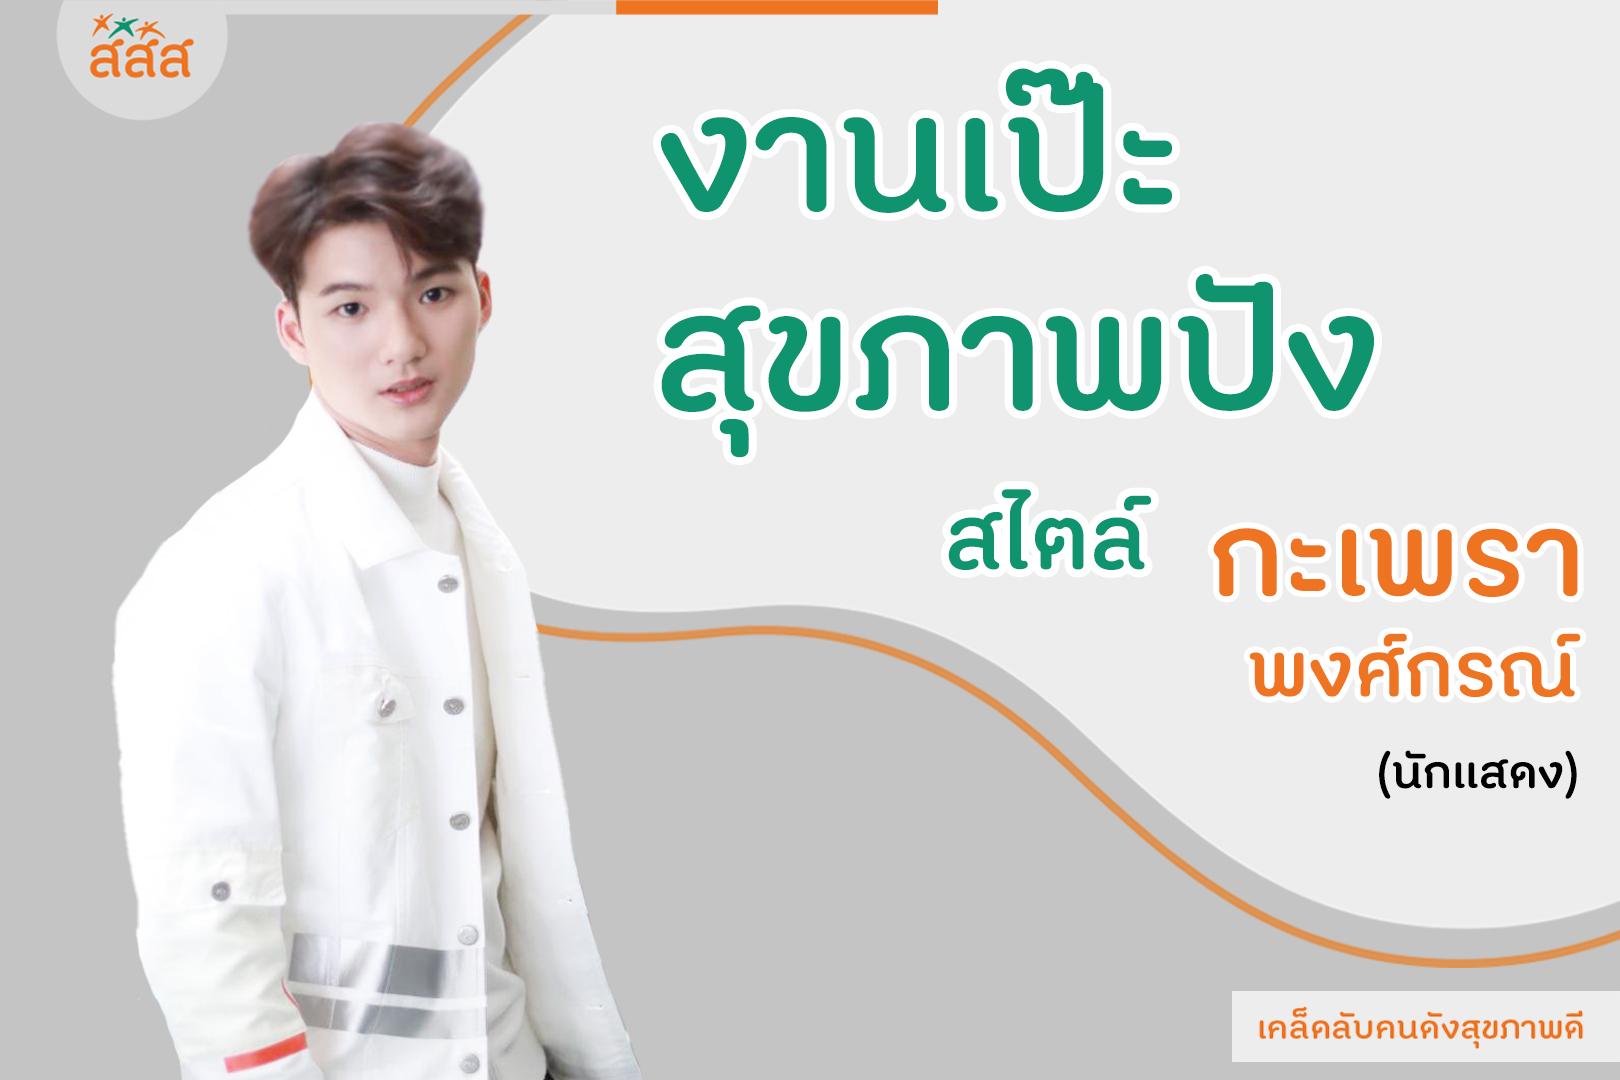 งานเป๊ะสุขภาพปัง สไตล์ กะเพรา – พงศ์กรณ์ thaihealth